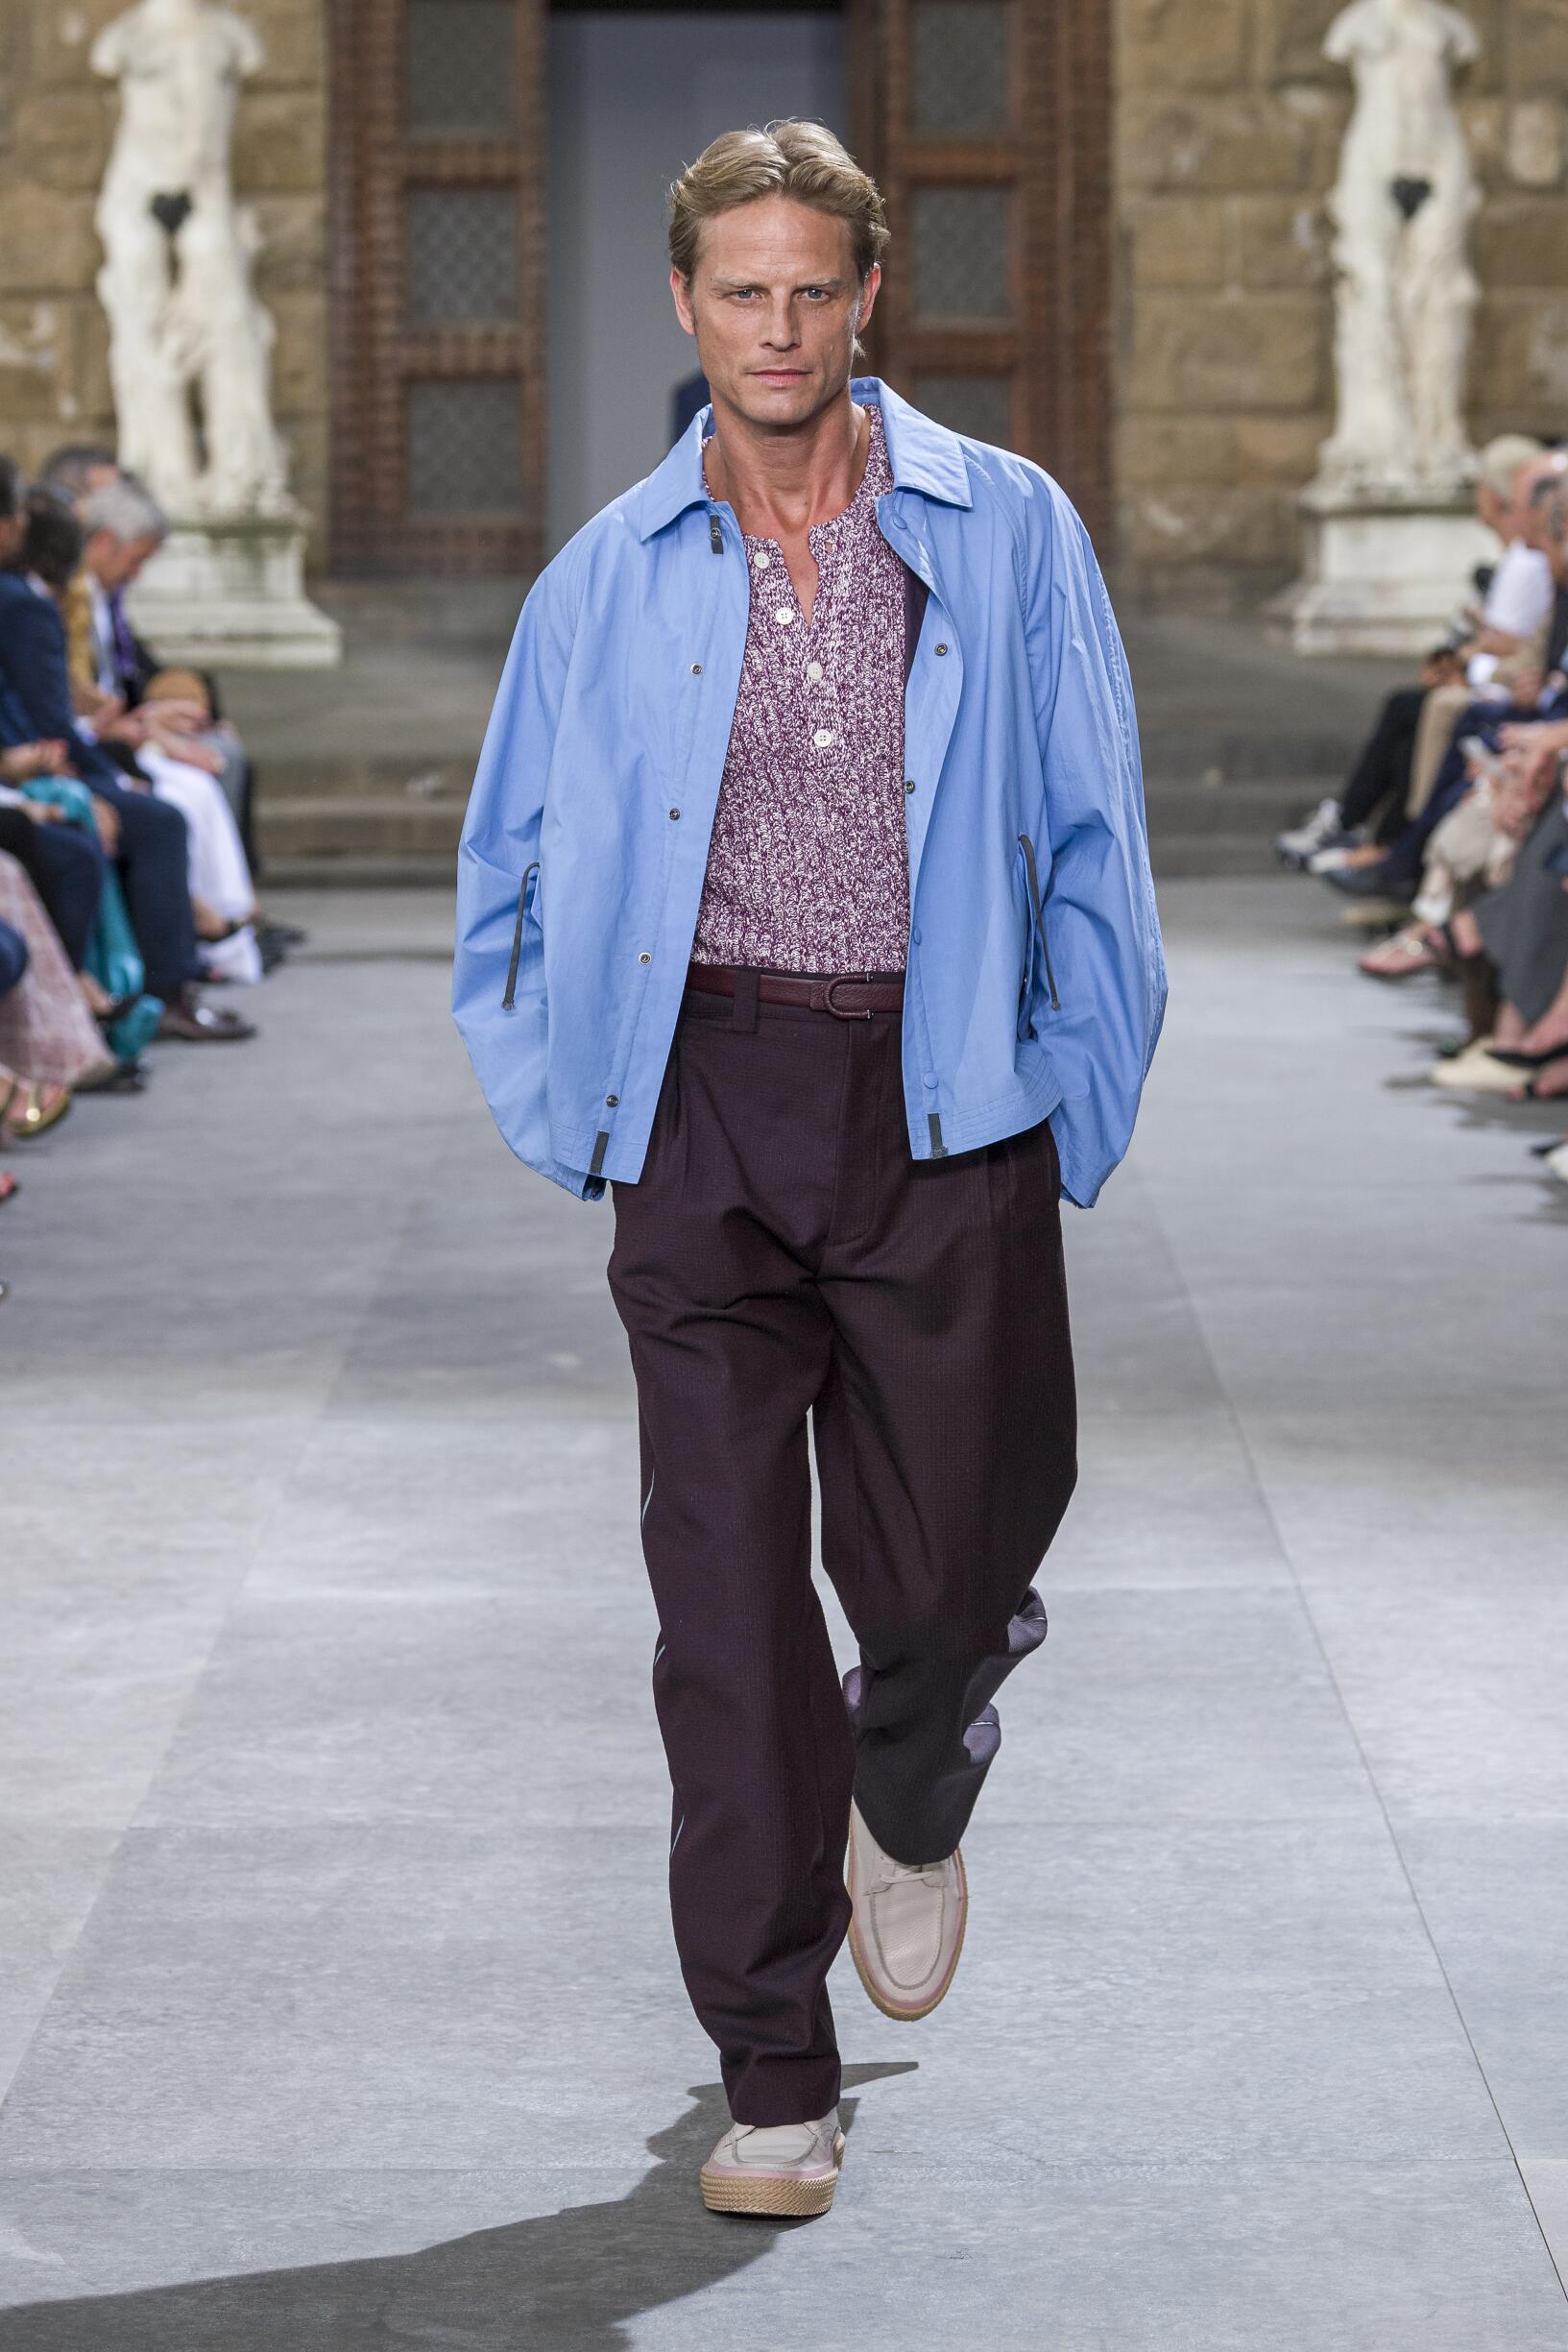 Catwalk Salvatore Ferragamo Man Fashion Show Summer 2020